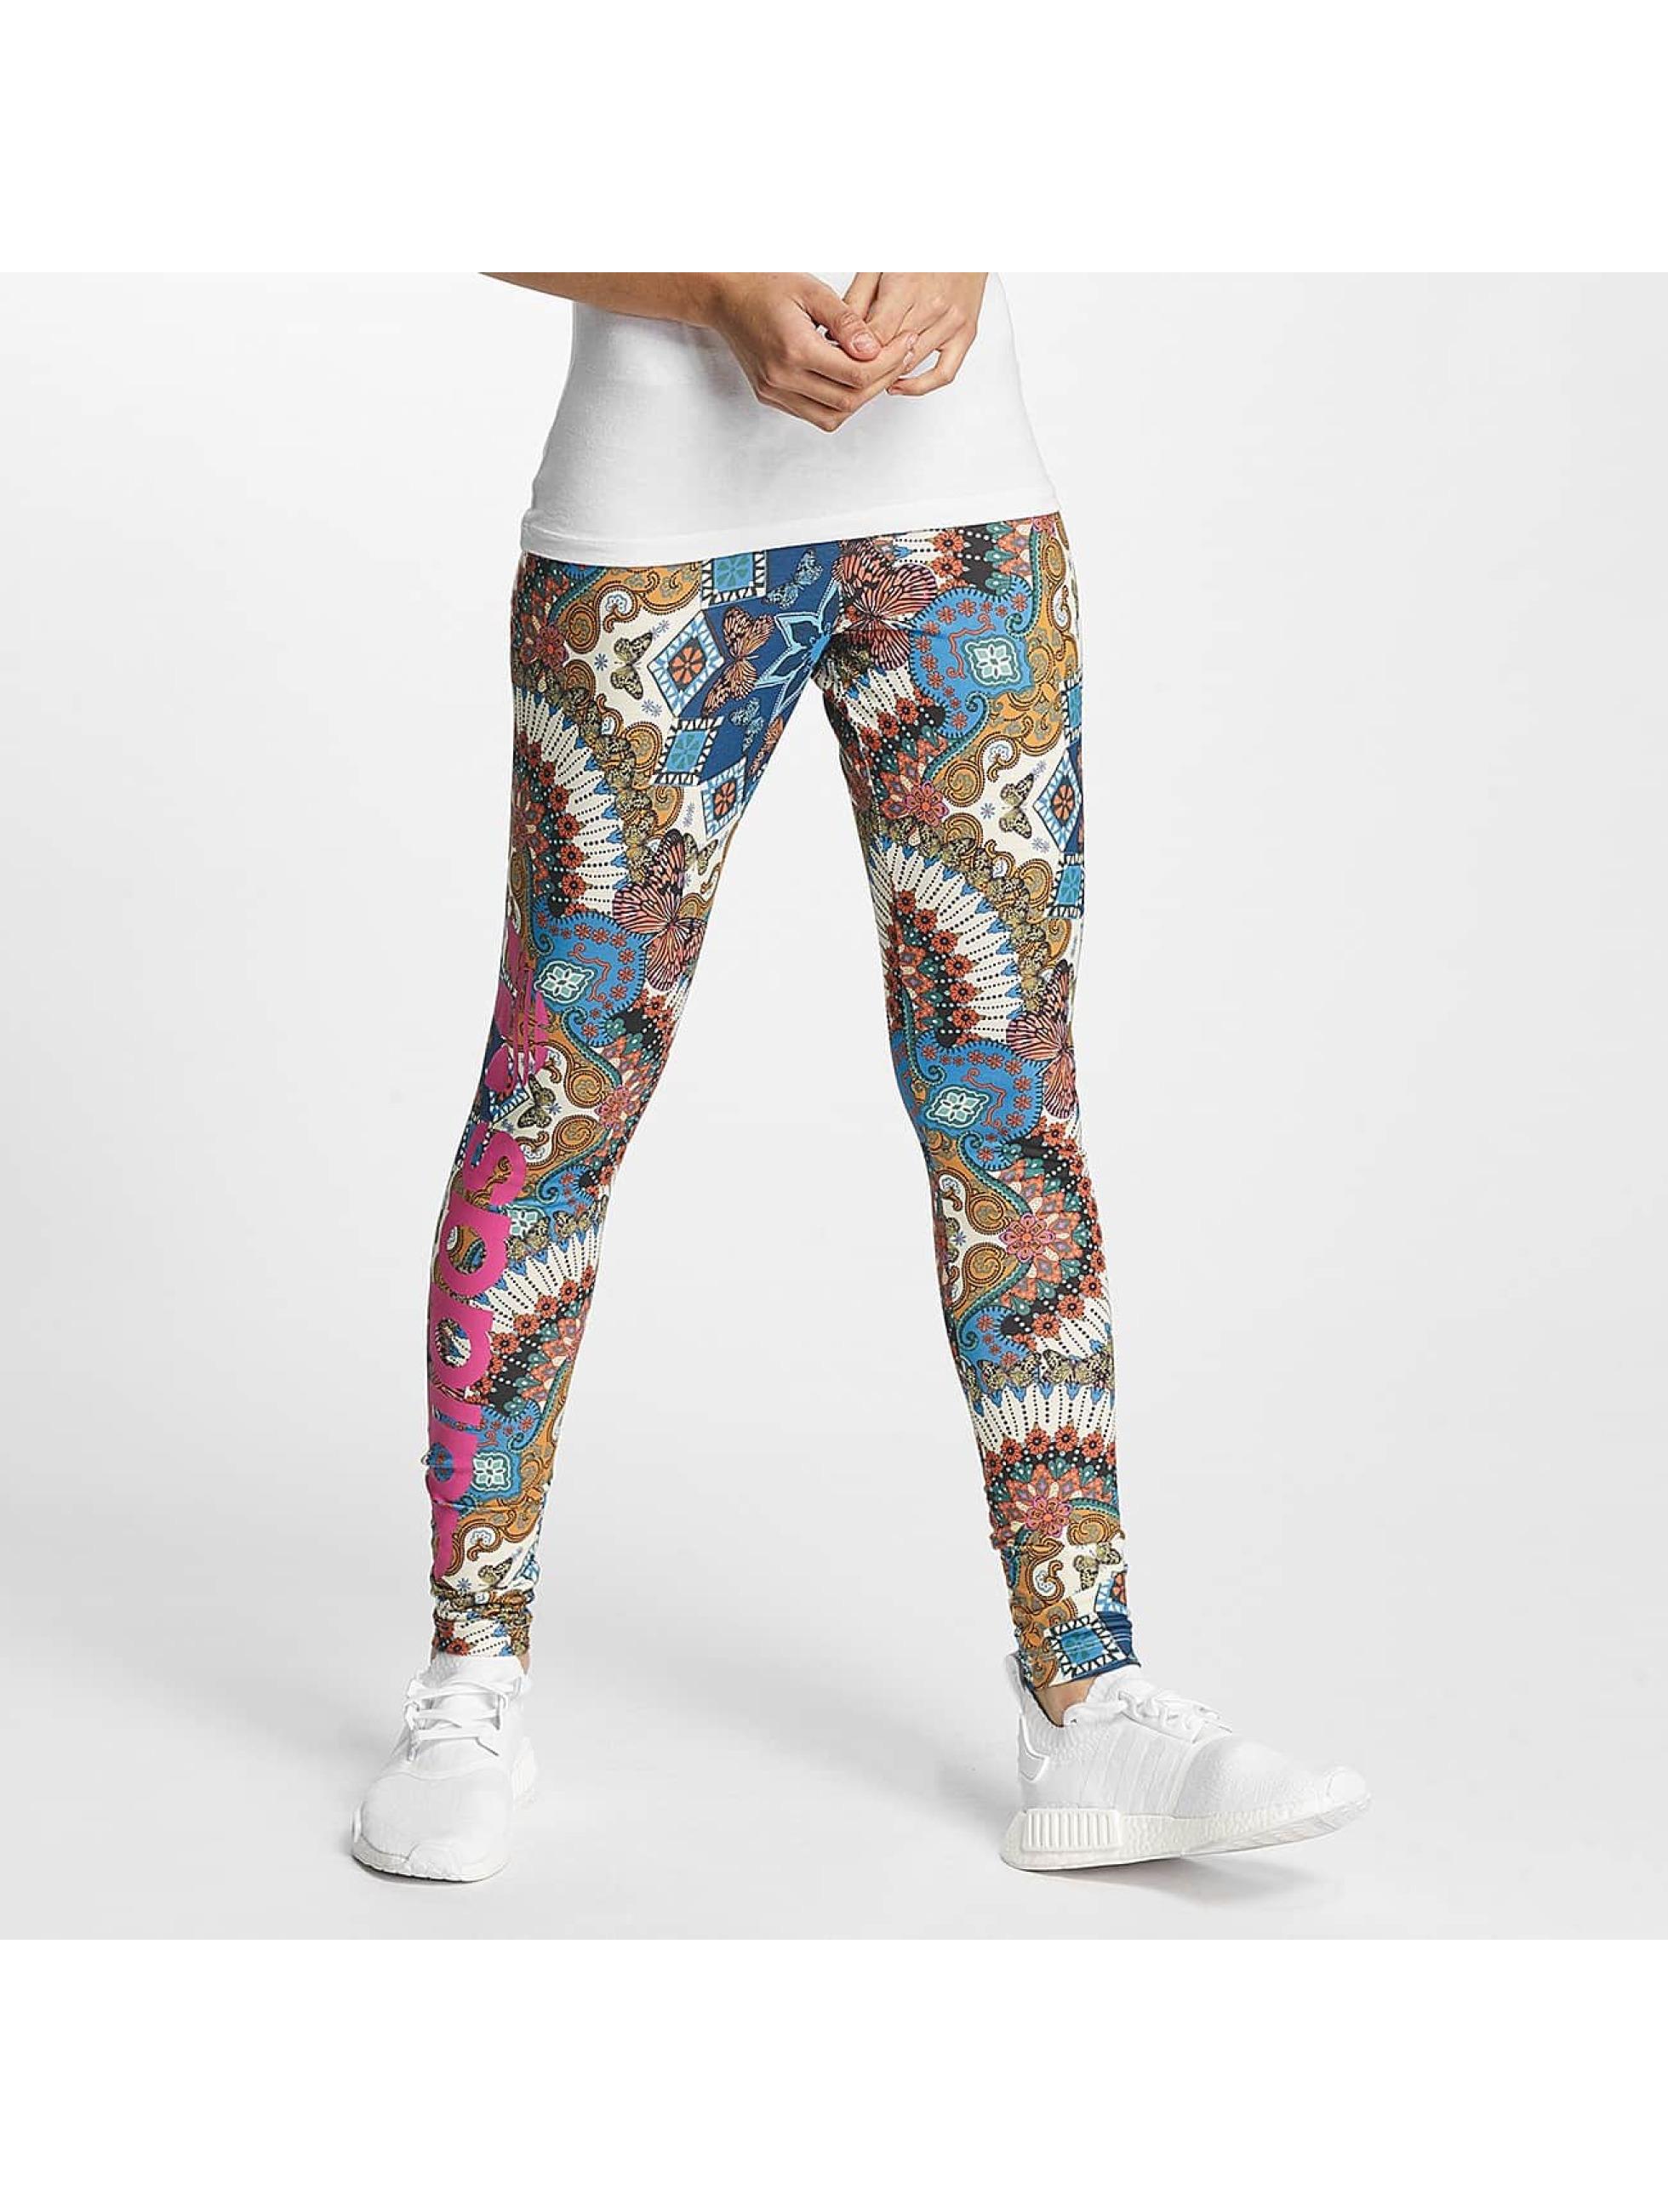 adidas / Legging/Tregging Borbomix in colored